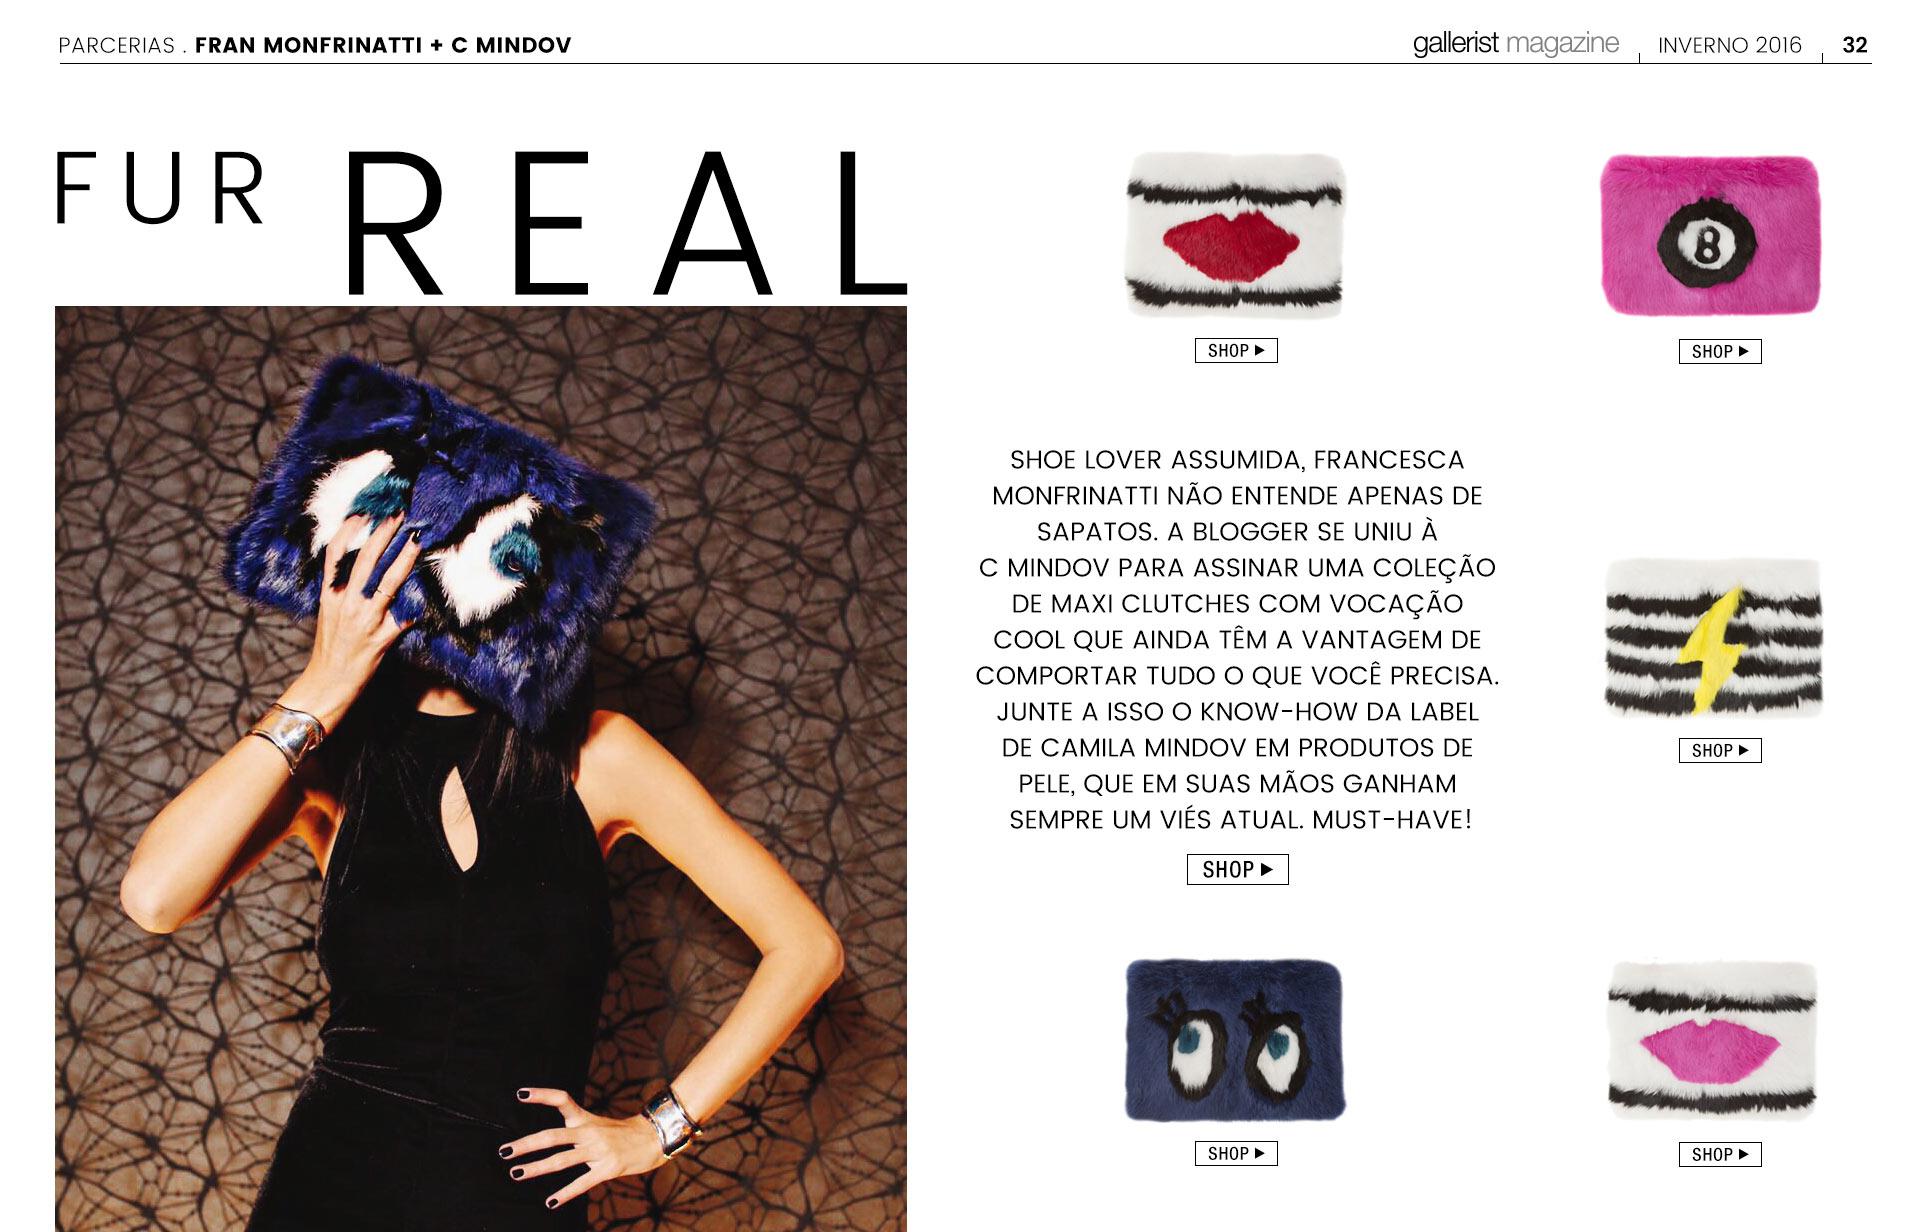 ... comportar tudo o que você precisa. Junte a isso o know-how da label de  Camila Mindov em produtos de pele, que em suas mãos ganham sempre um viés  atual. 0c2e560e2c